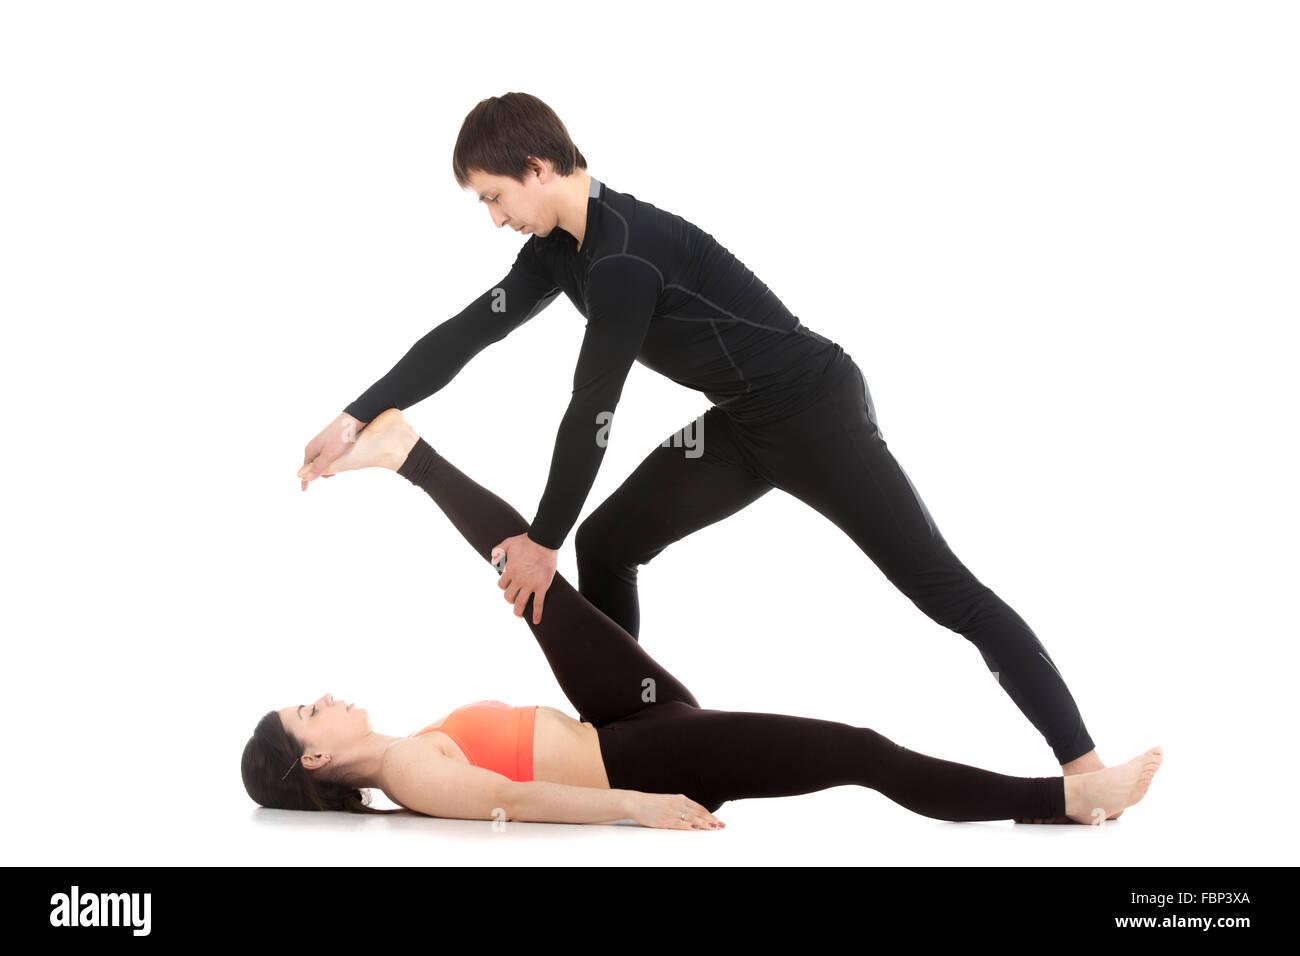 Dos personas practicando yoga deportivo con pareja b9cc421f13be